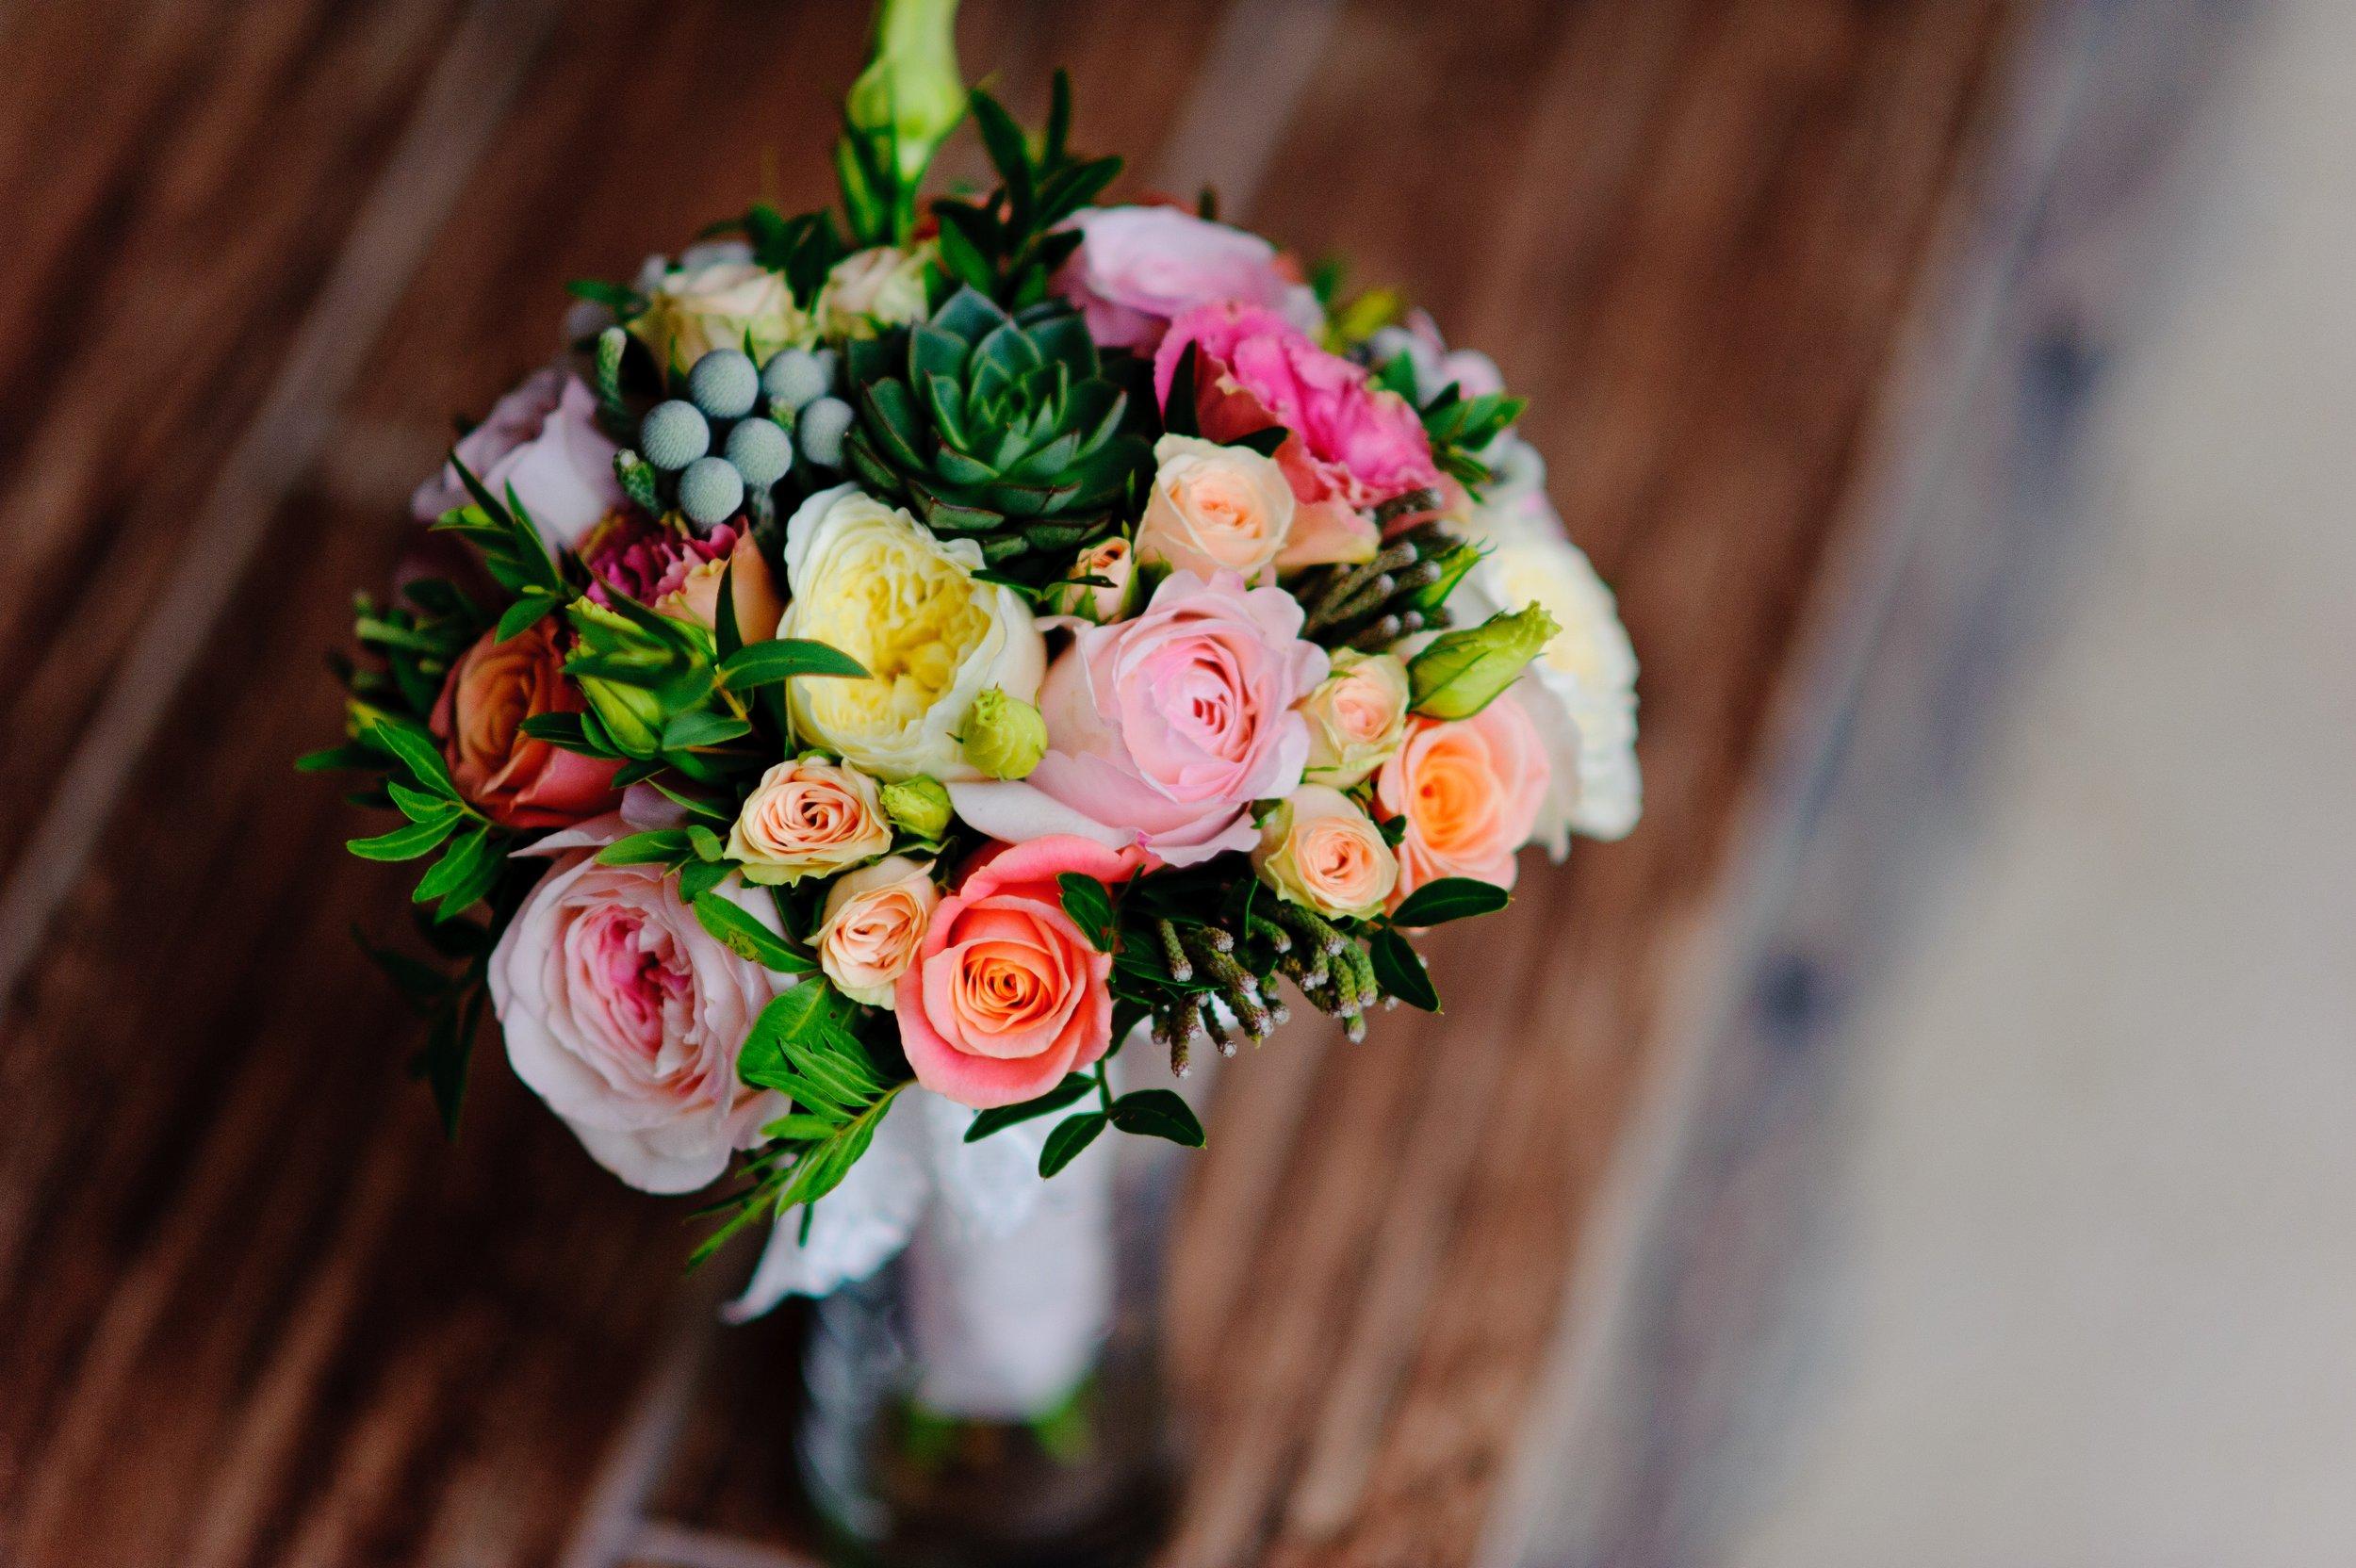 vinegar_keeps_flower_fresh